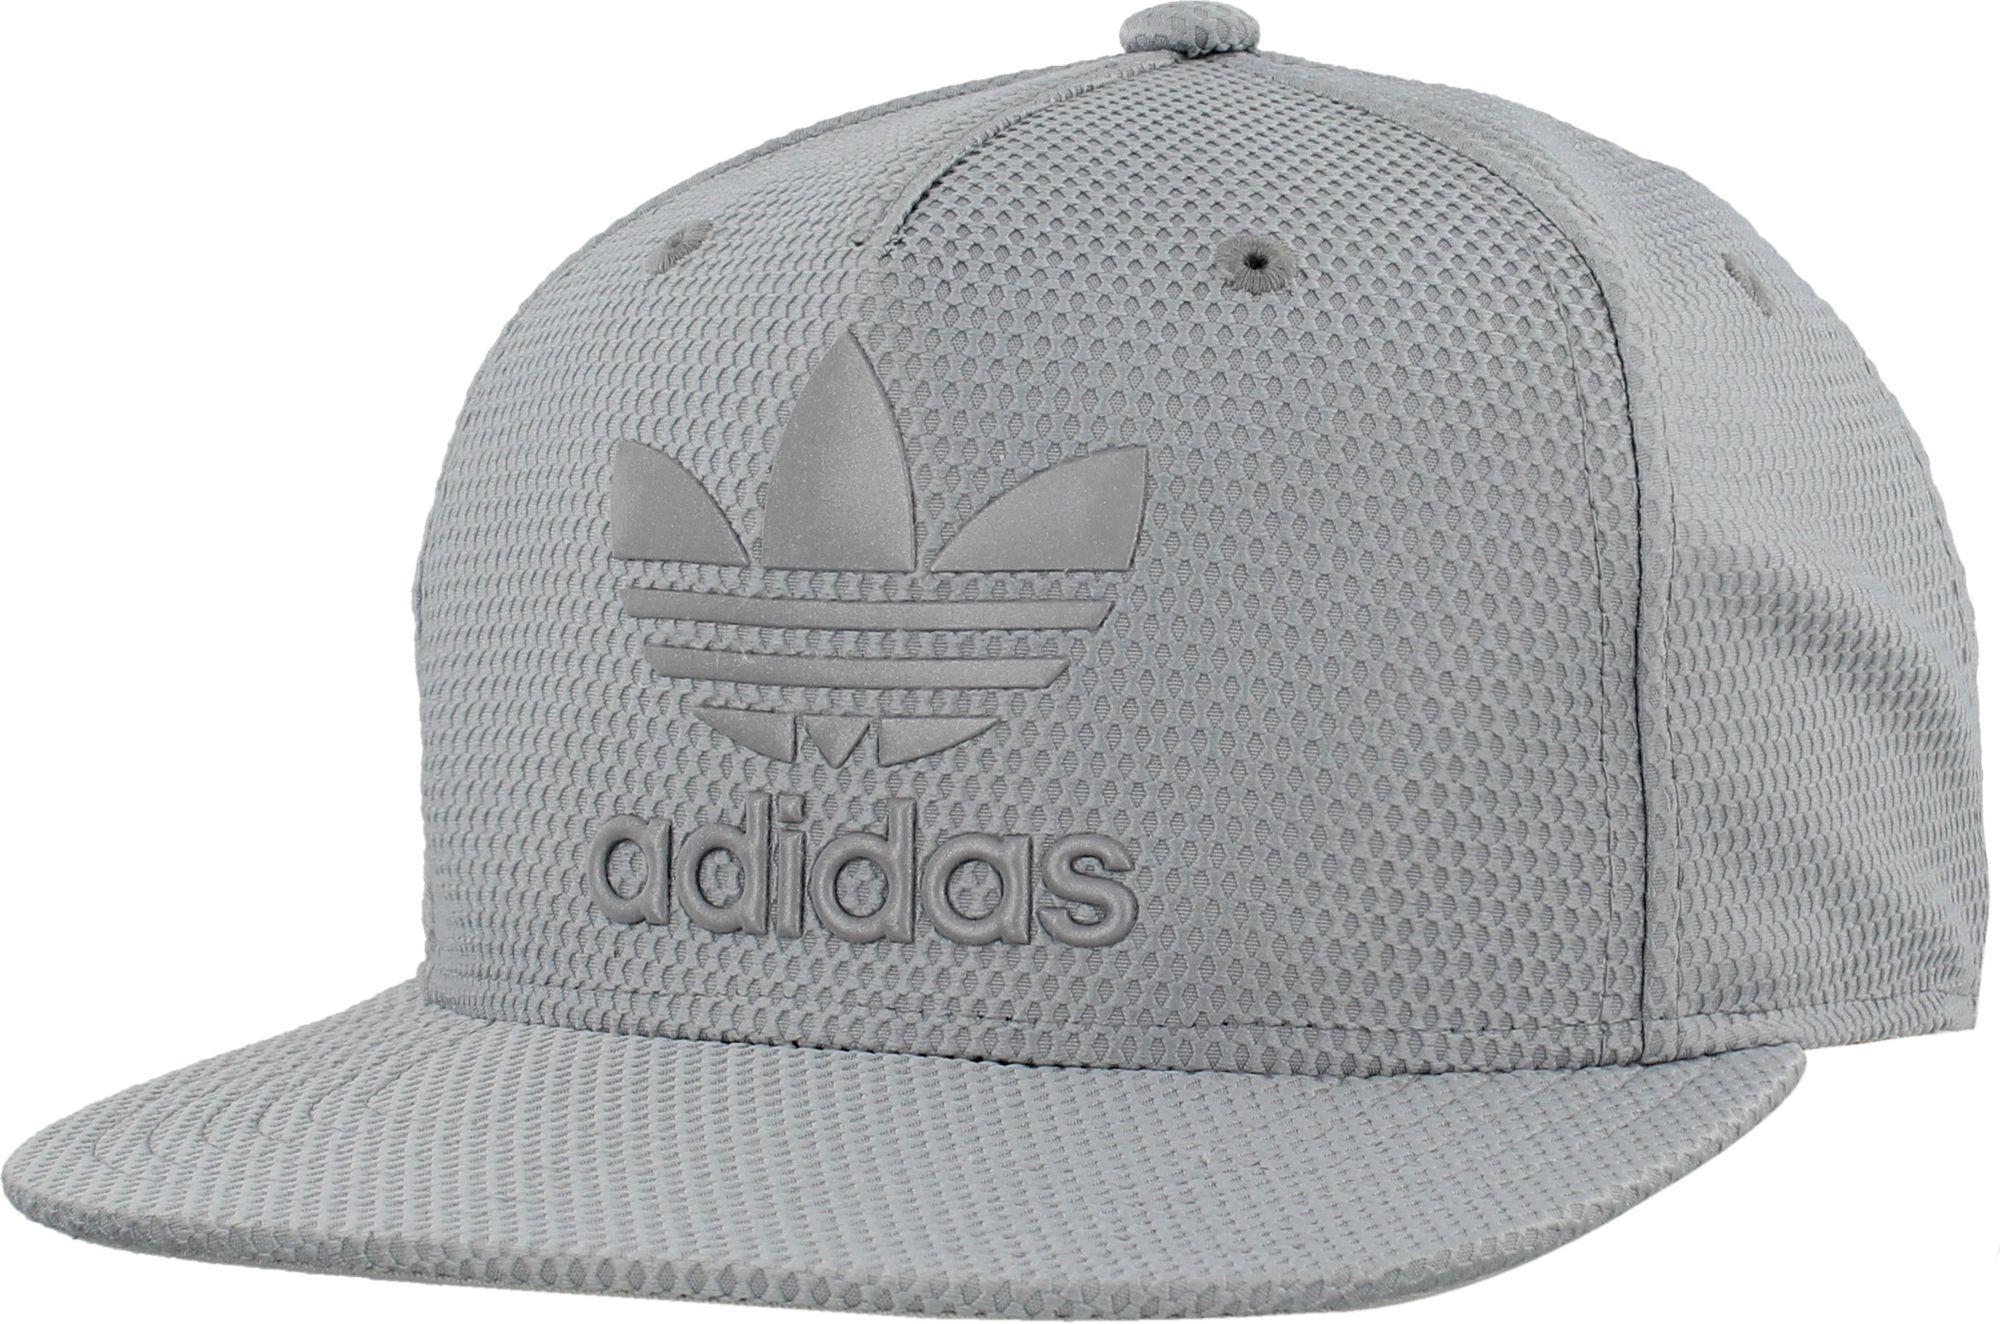 4a49ea96f16 Lyst - adidas Originals Originals Trefoil Reflective Snapback Hat in ...